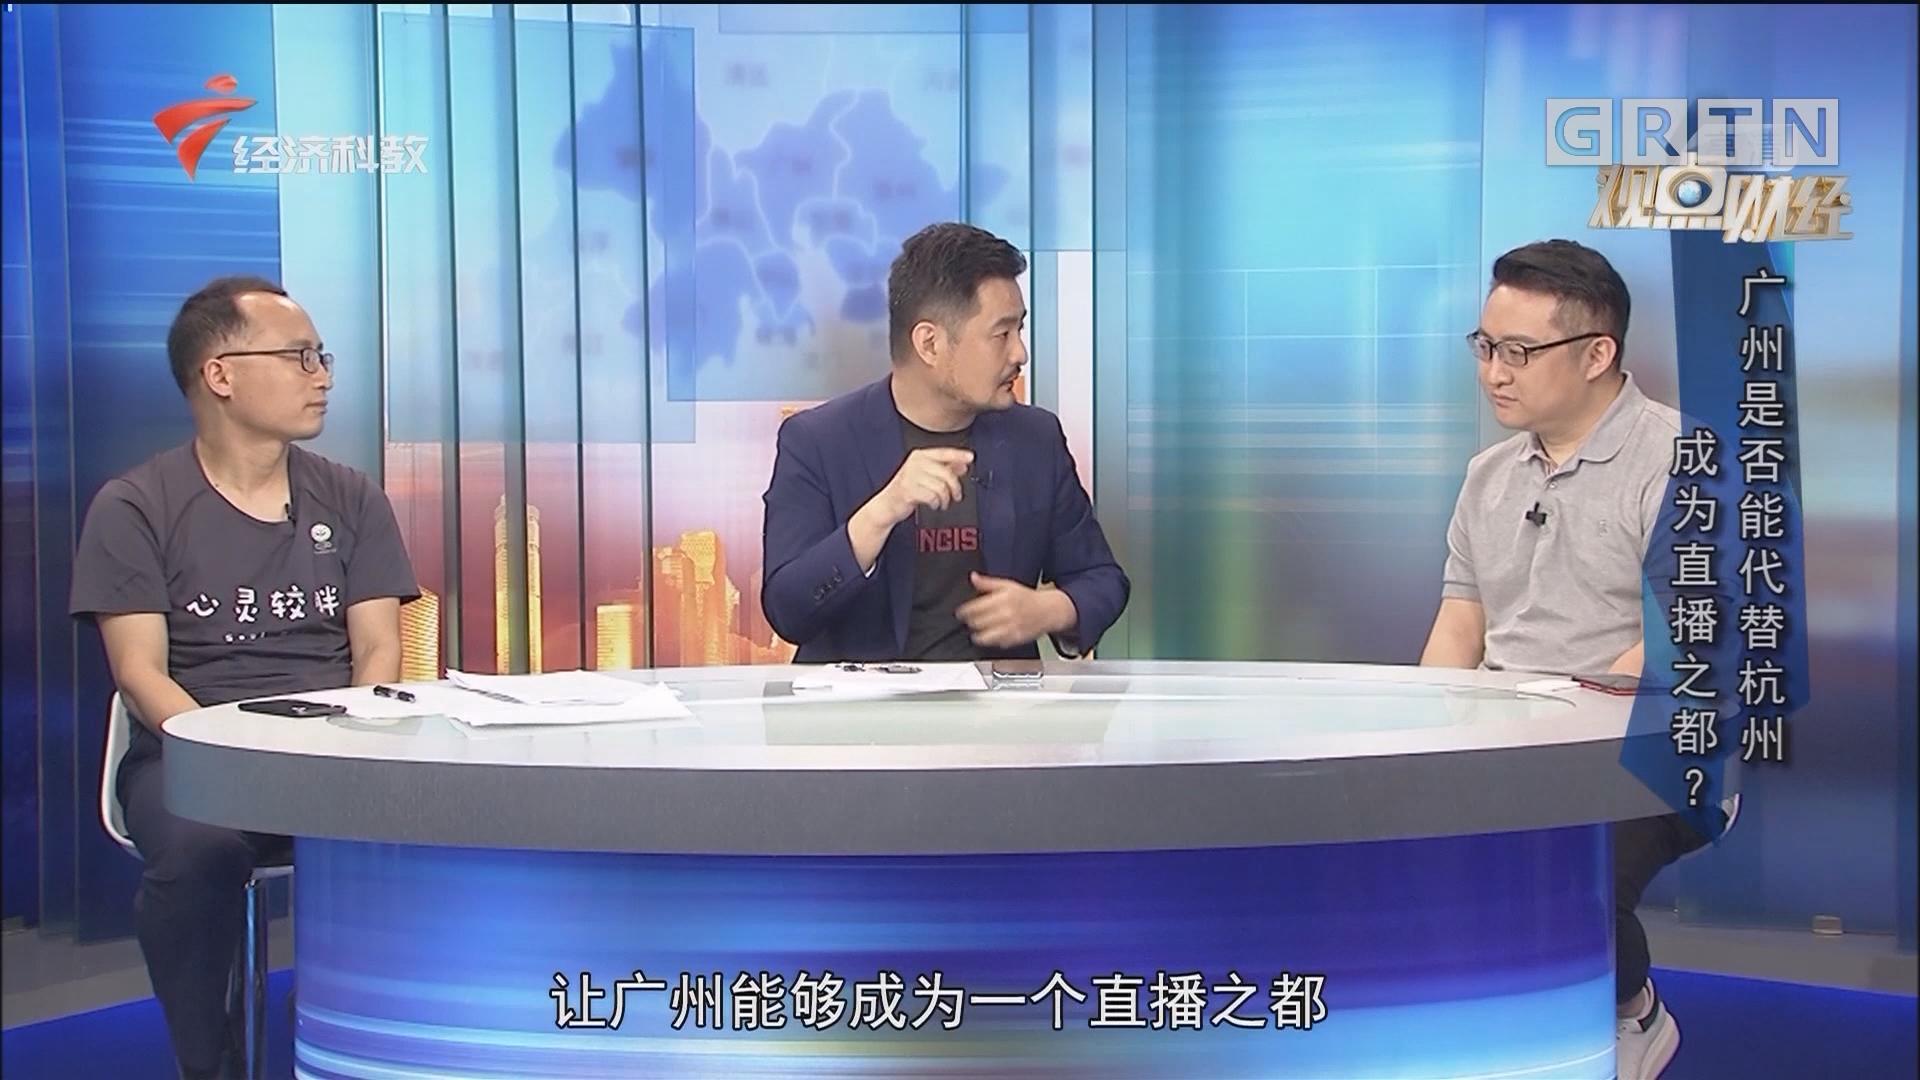 [HD][2020-05-24]观点财经:广州能否能代替杭州成为直播之都?